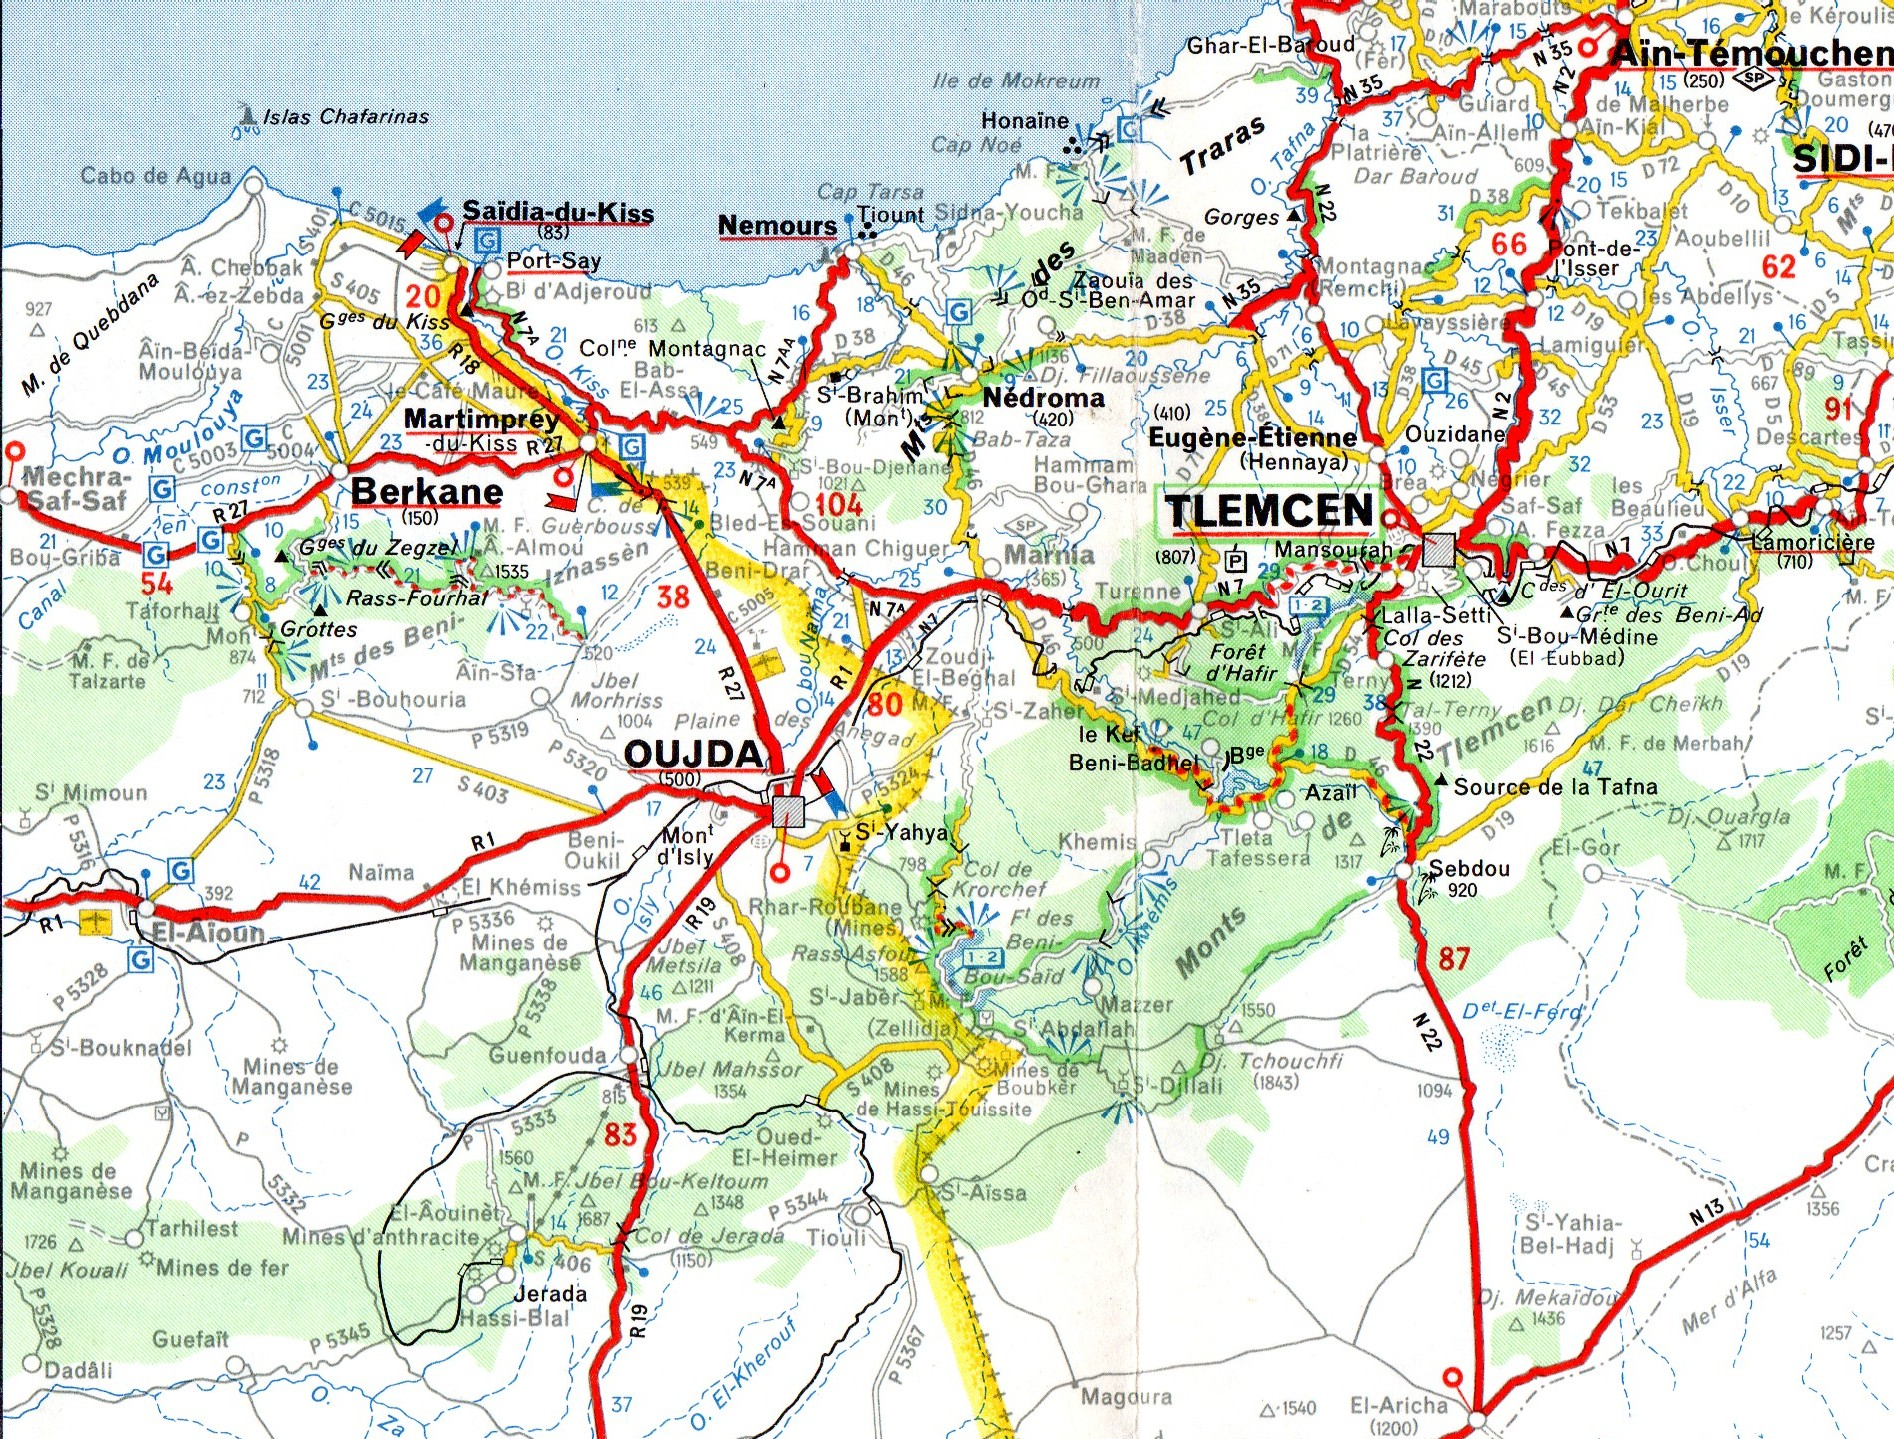 Carte Algerie Pdf Gratuit.Plans Schema Quartier Rues Alger Roi Fr